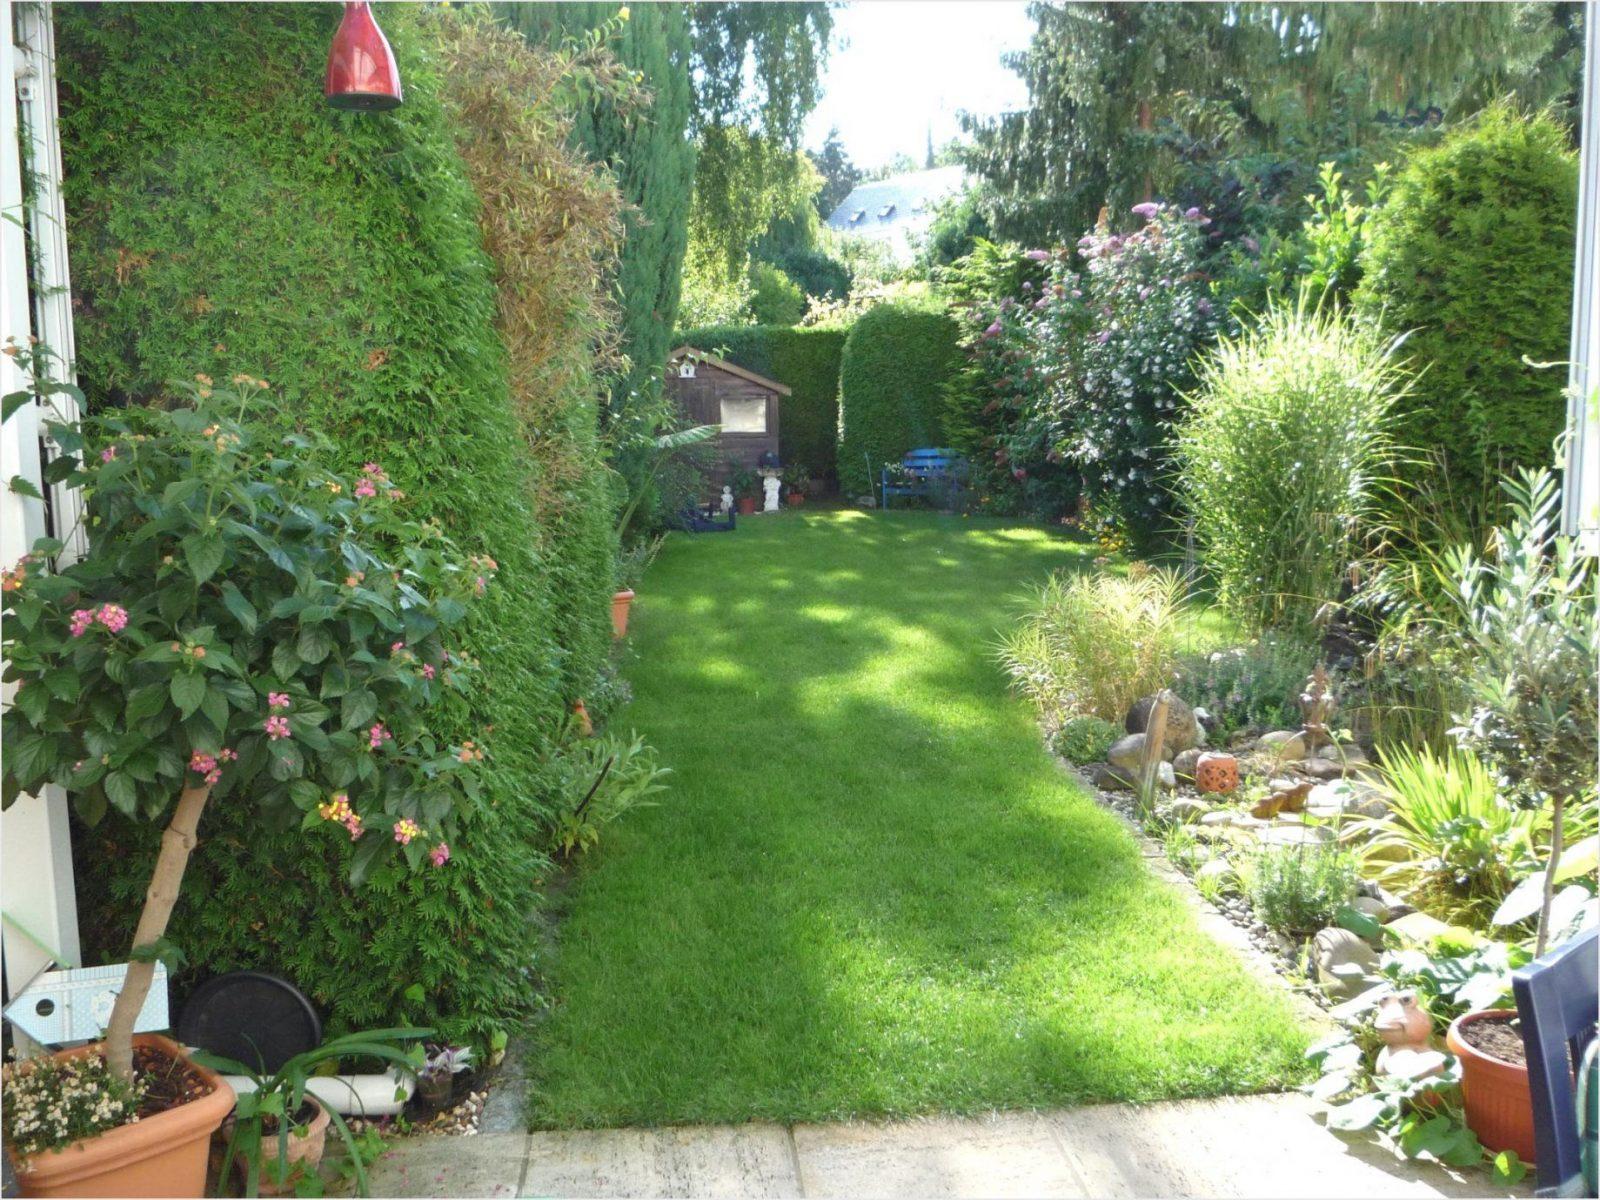 Gartengestaltung Mit Kies Inspirierend Luxus Garten Mit Kies von Gartengestaltung Mit Kies Bilder Bild